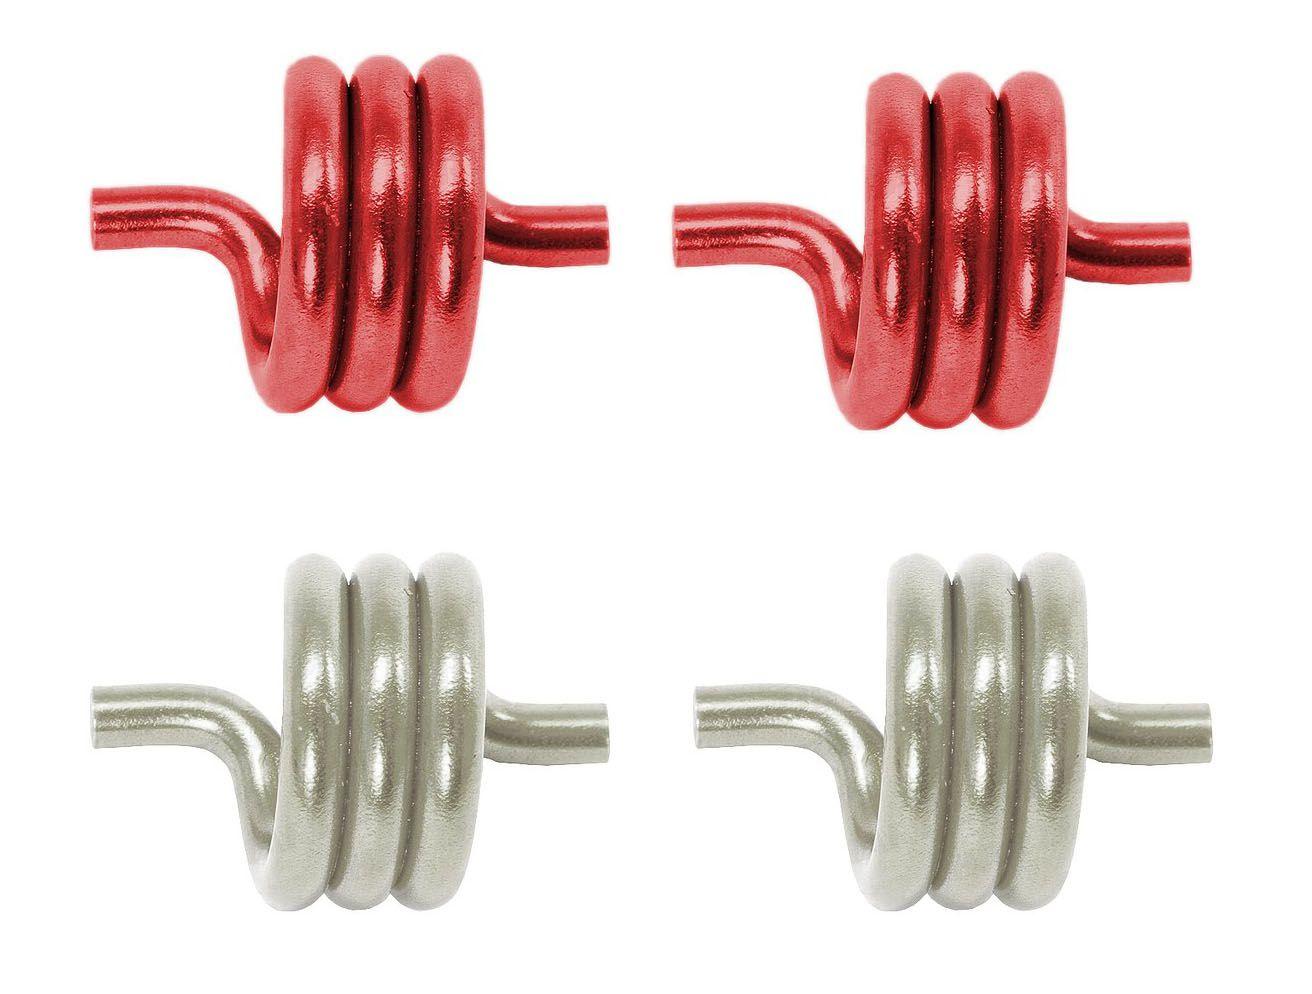 Molas de Reposição para Pedal Crank Brothers Egg Beater SL - Kit Com 2